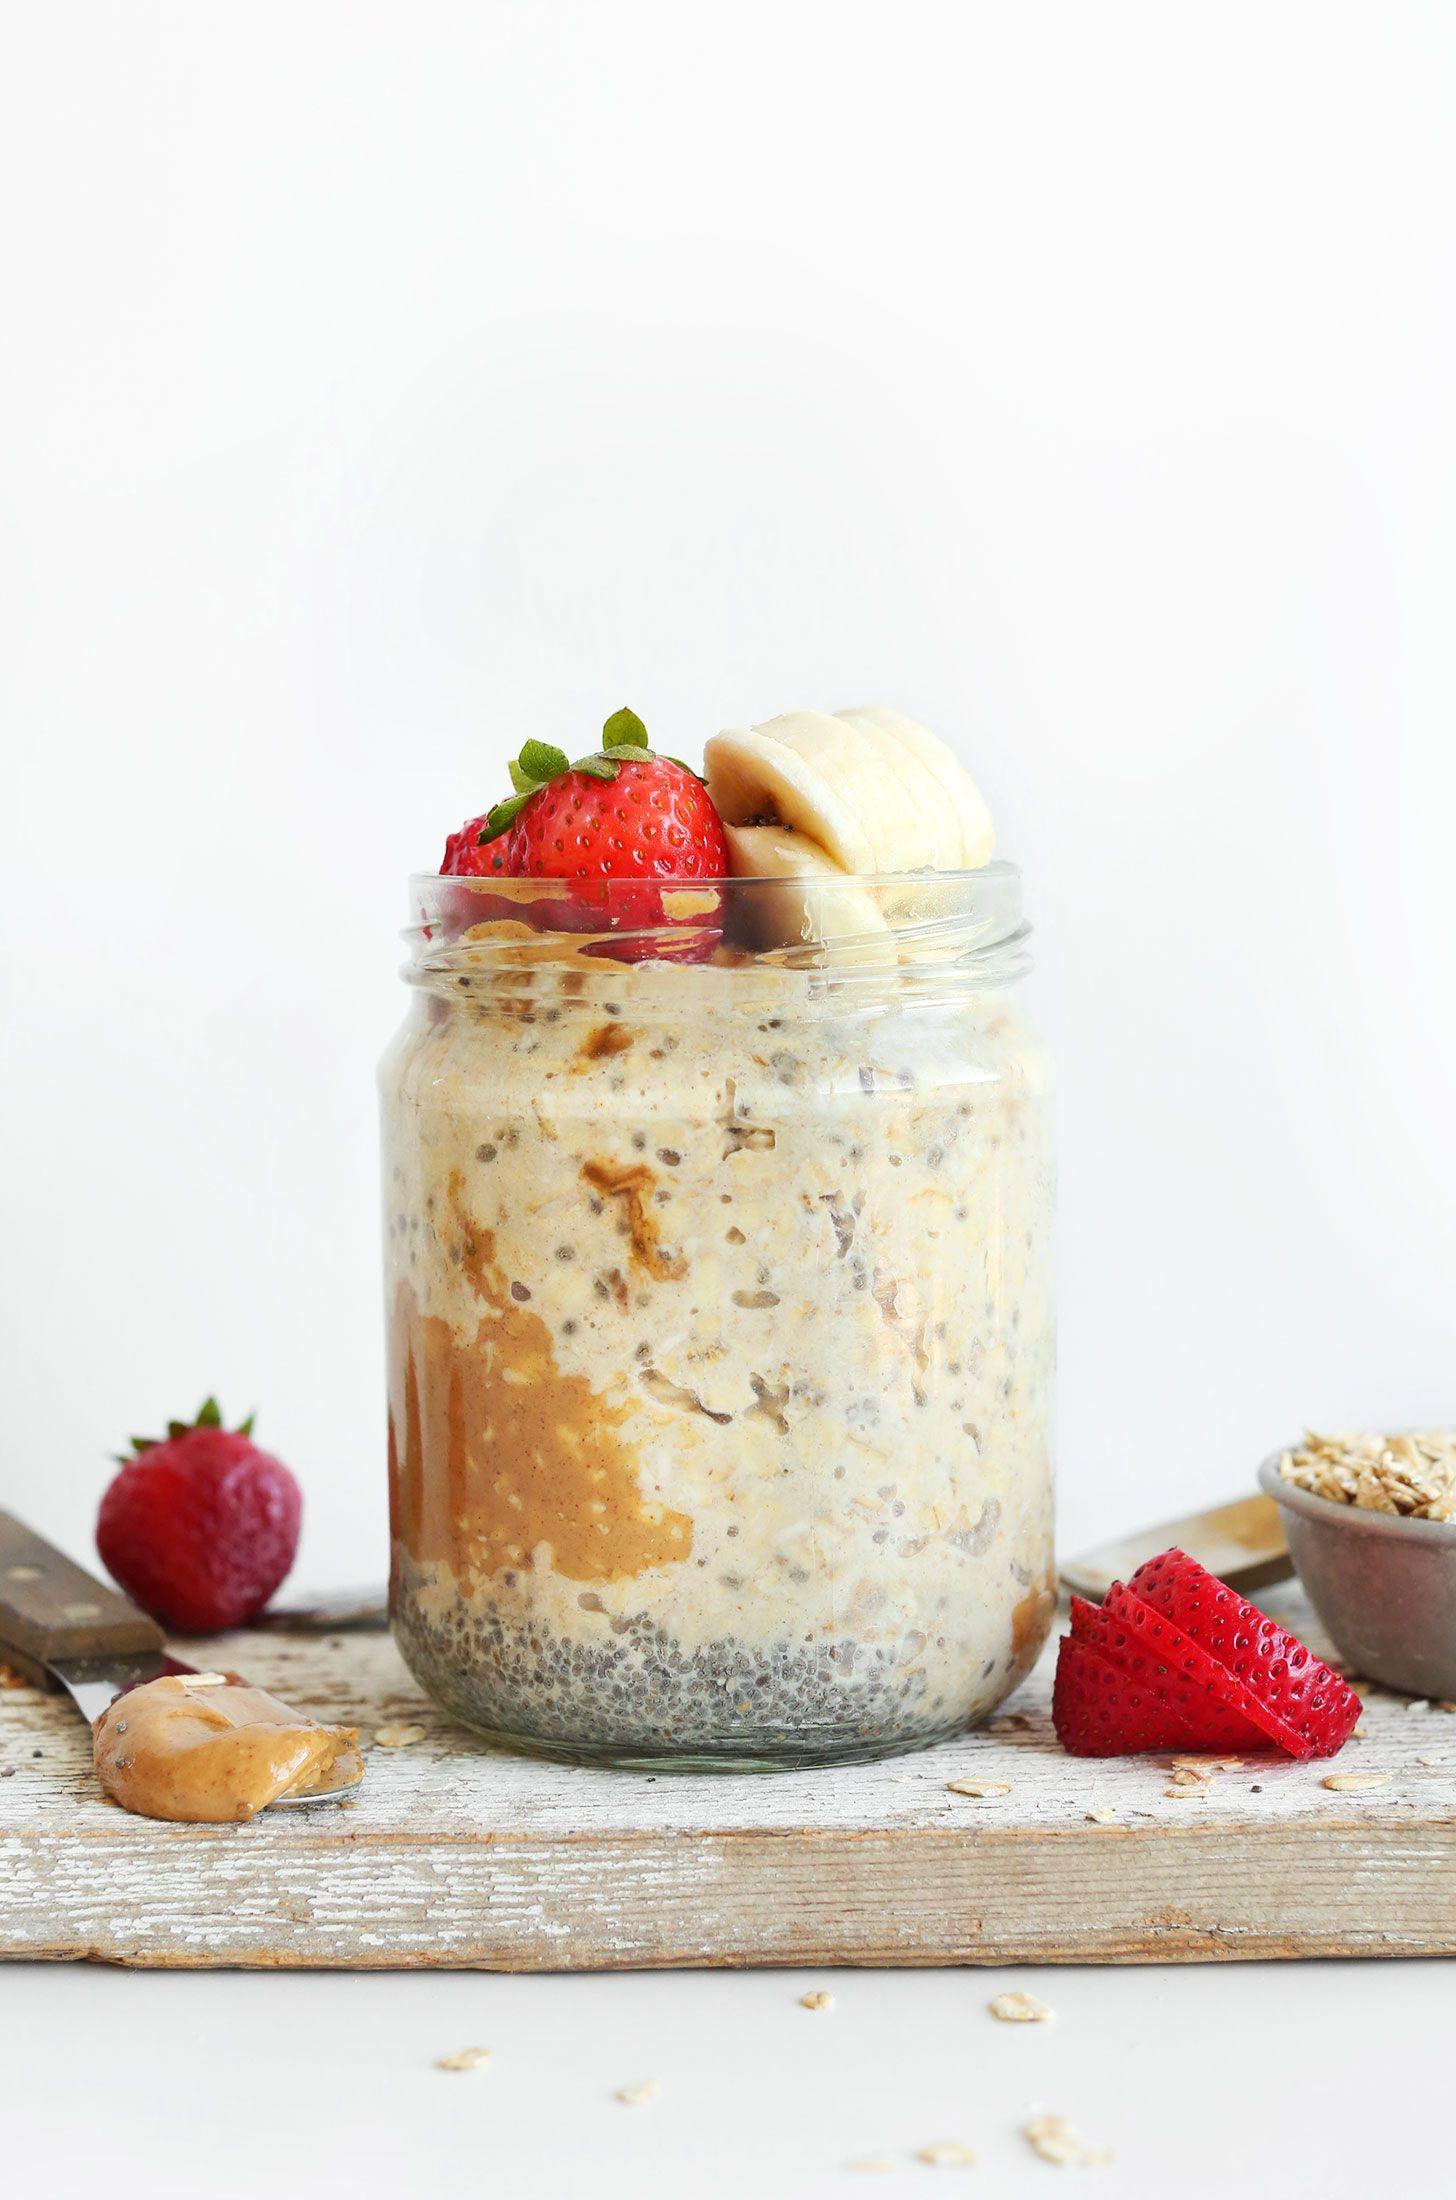 Overnight Oats Healthy  17 Healthy Overnight Oats Recipes Not for Breakfast